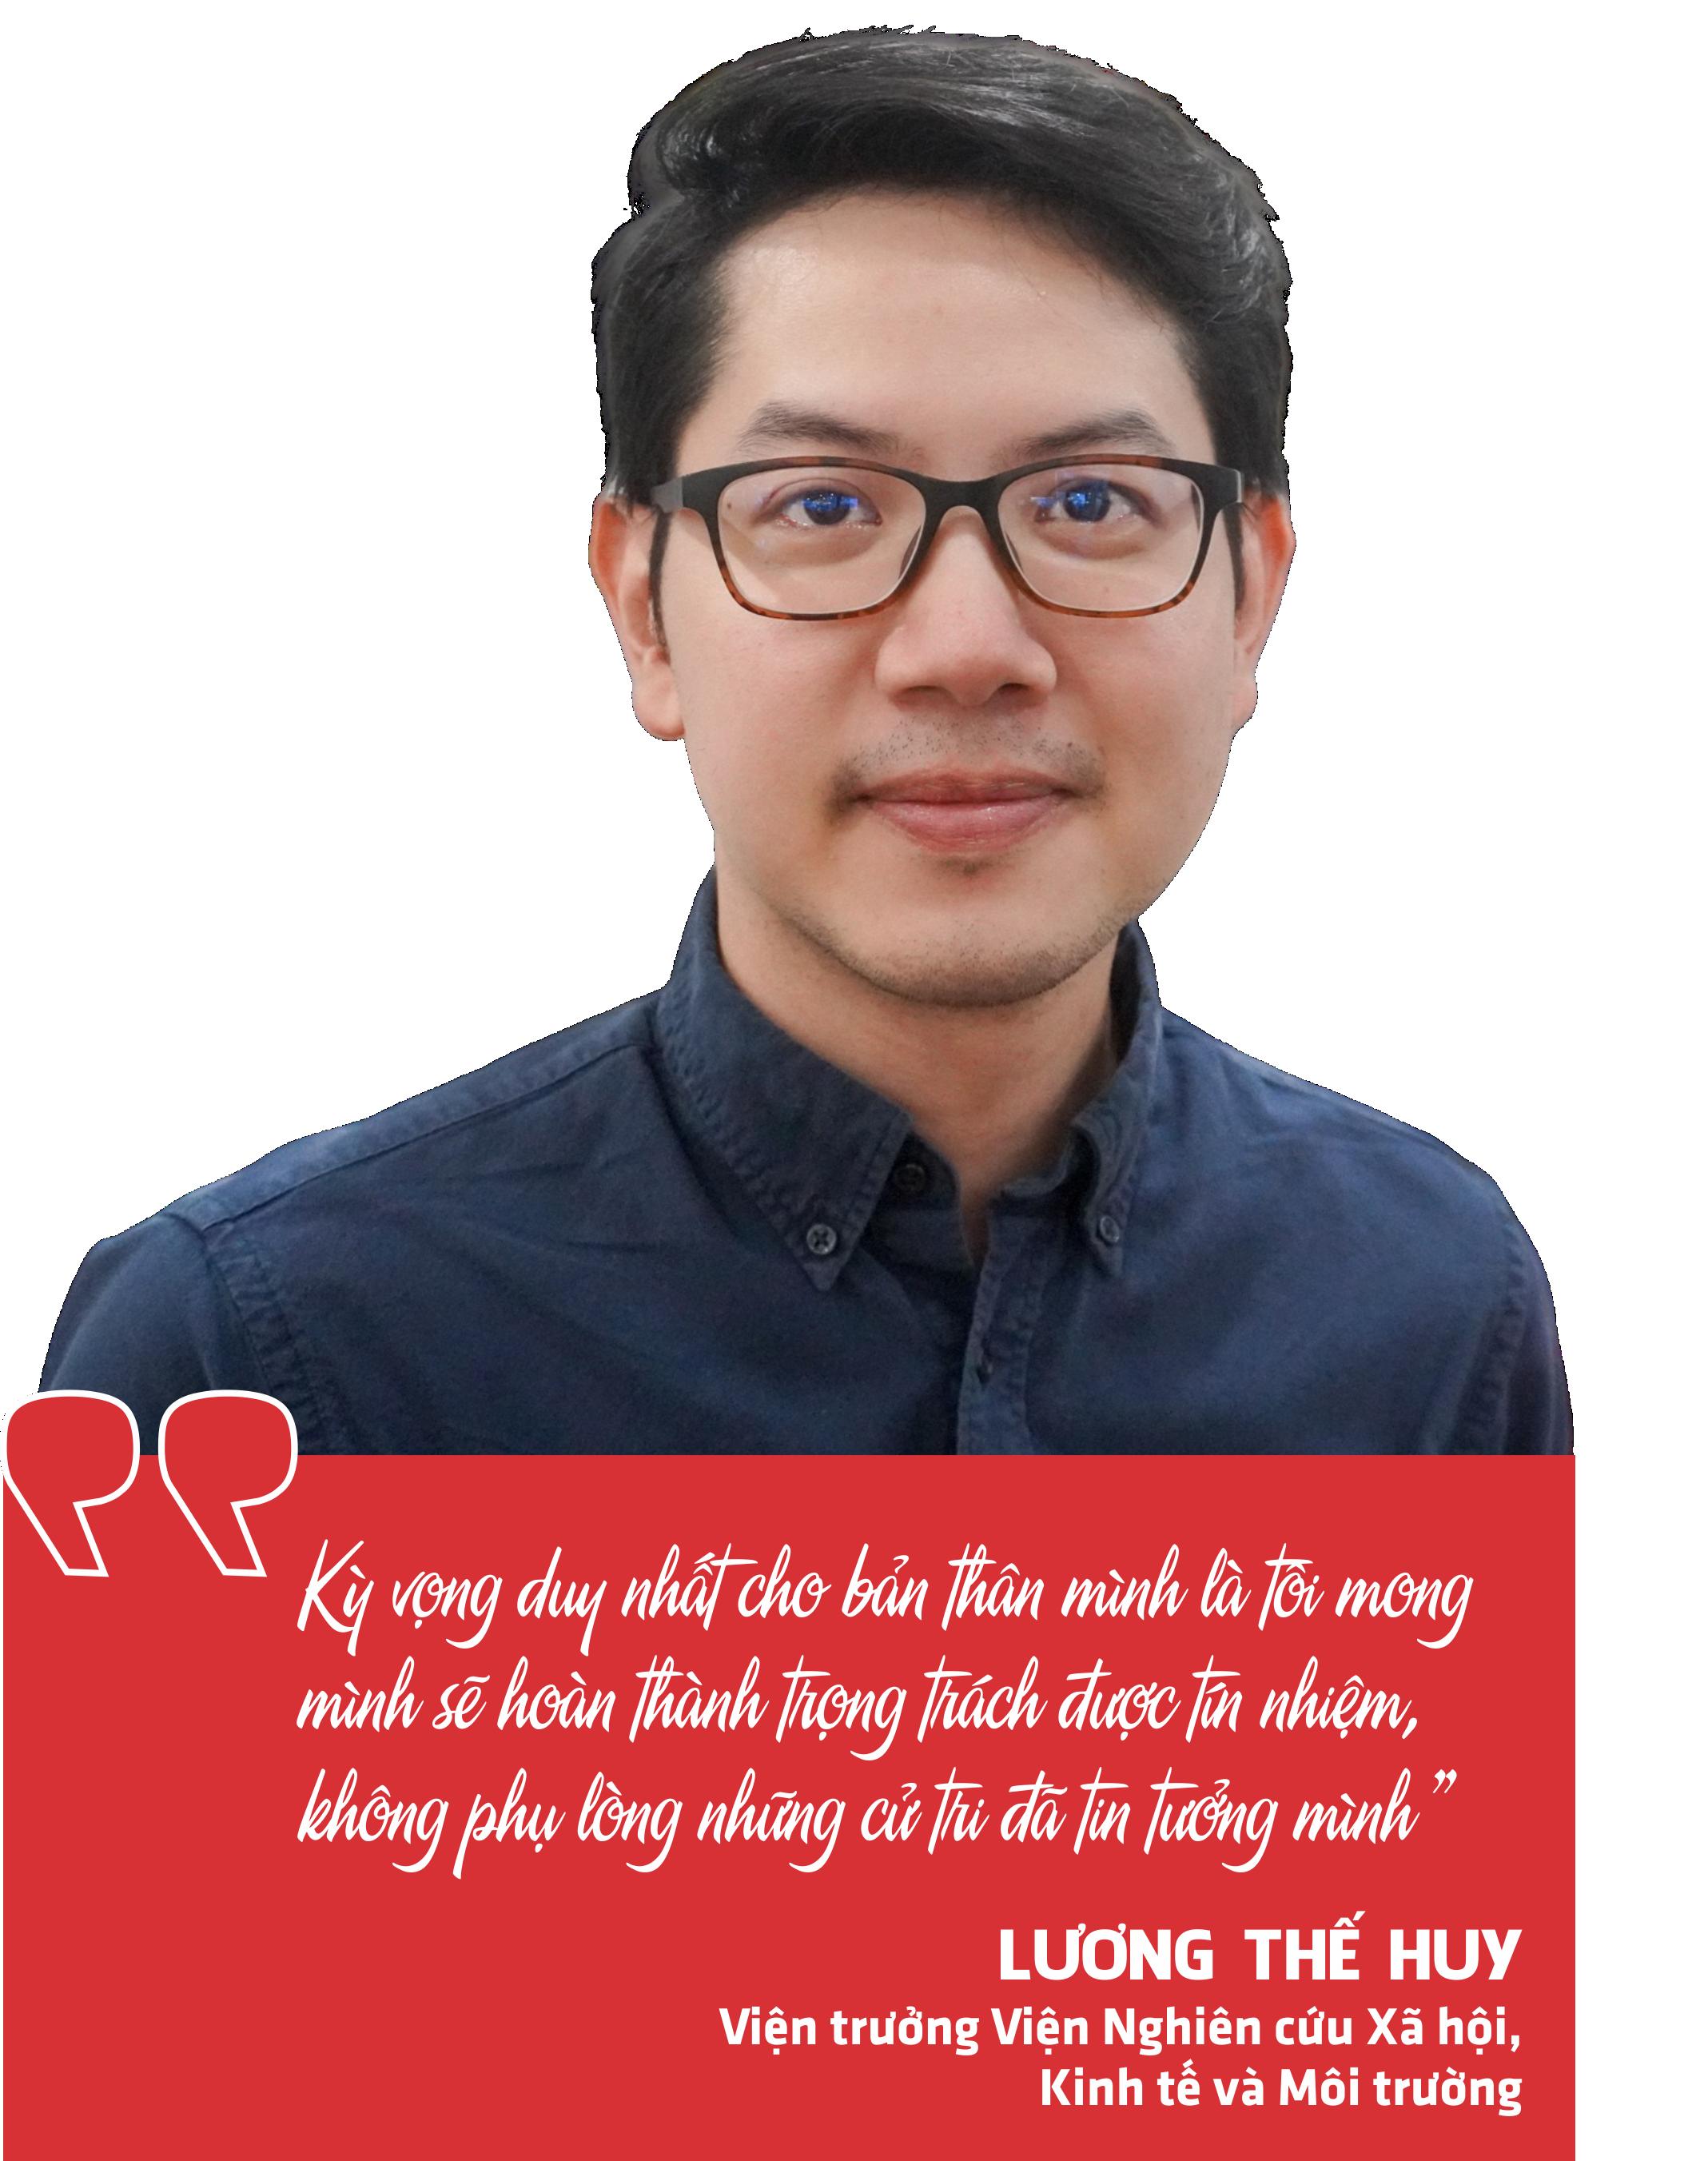 """Lương Thế Huy: Người trẻ ở Hà Nội """"tiên phong"""" ứng cử ĐBQH và HĐND - Ảnh 6."""